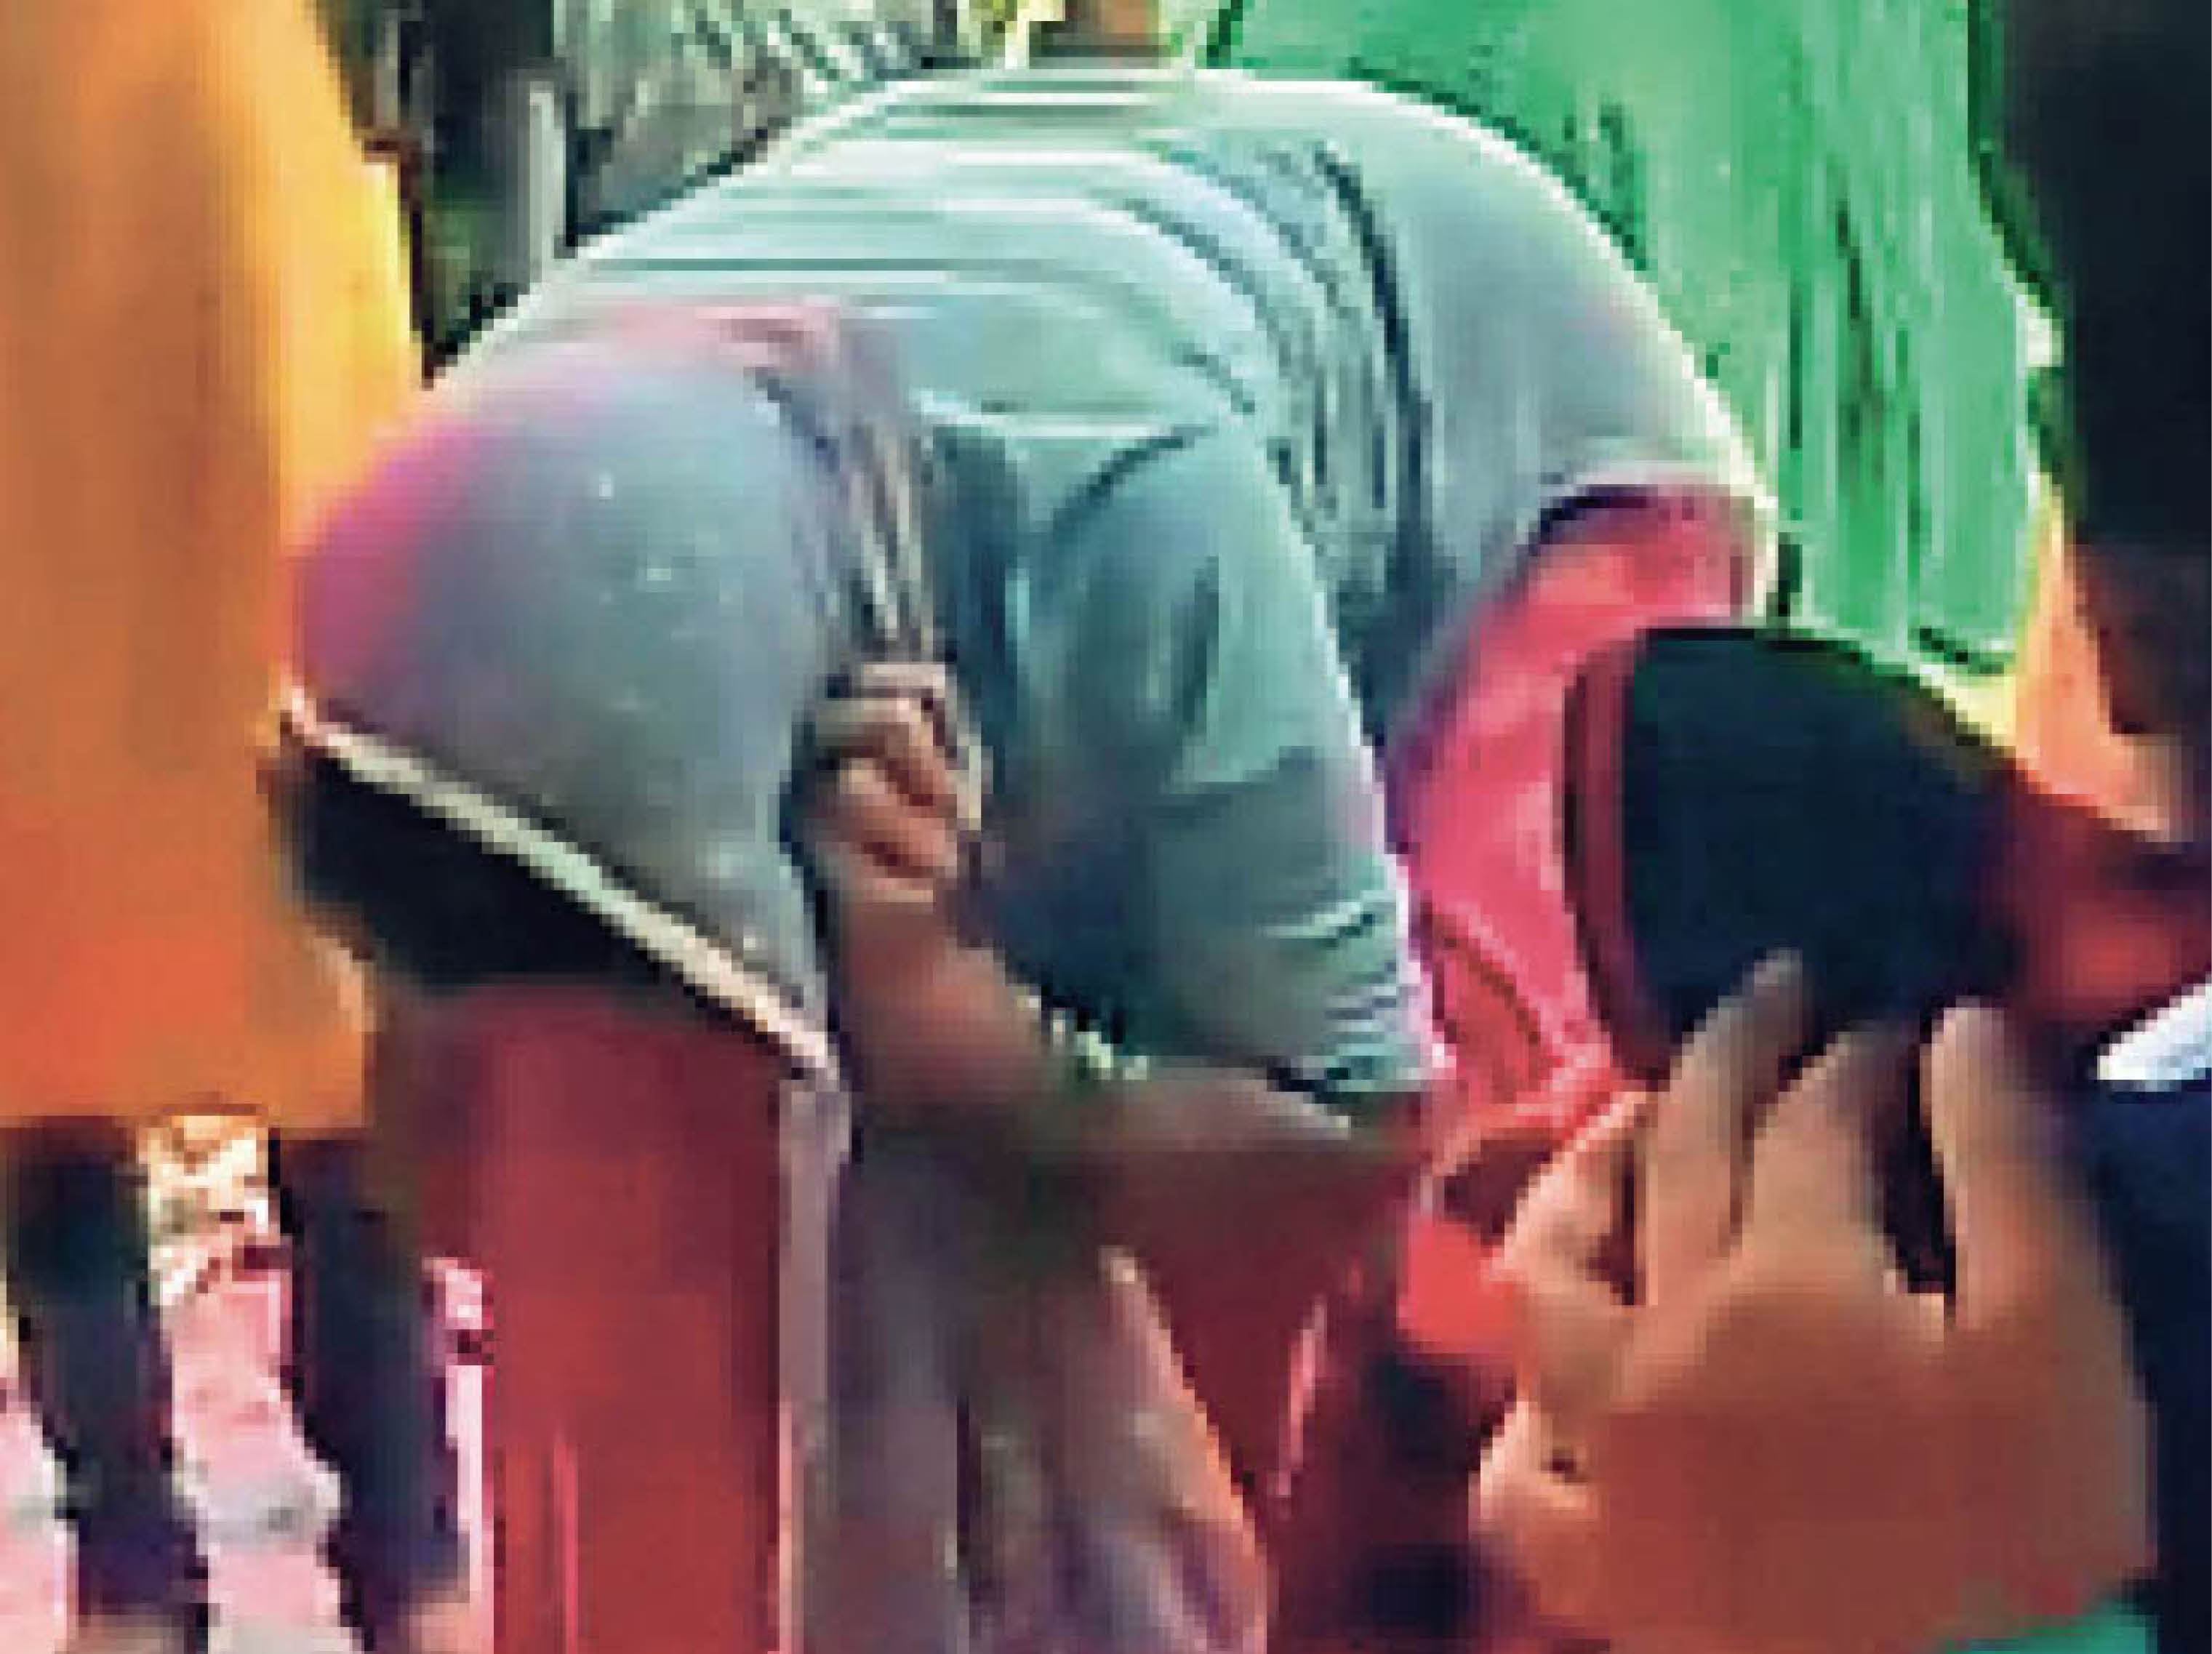 डायन का आराेप लगाकर महिला से कान पकड़कर उठक-बैठक करा पिटाई की, 10 हजार रुपए का जुर्माना लगाया|हजारीबाग,Hazaribagh - Dainik Bhaskar